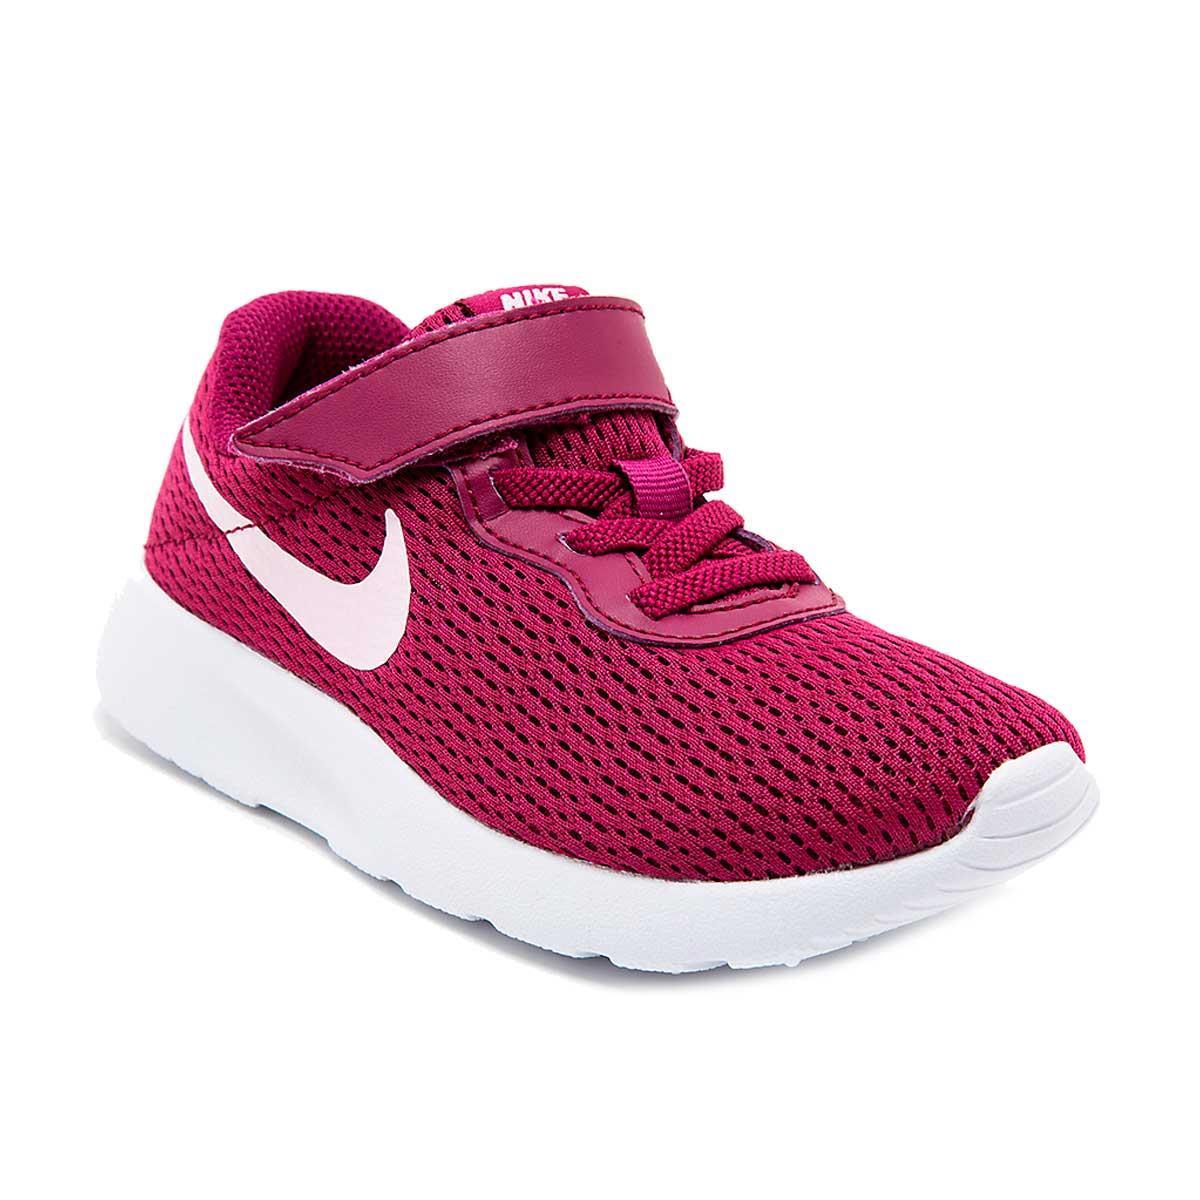 2cb484598bb Tênis Nike Tanjun PSV — Infantil